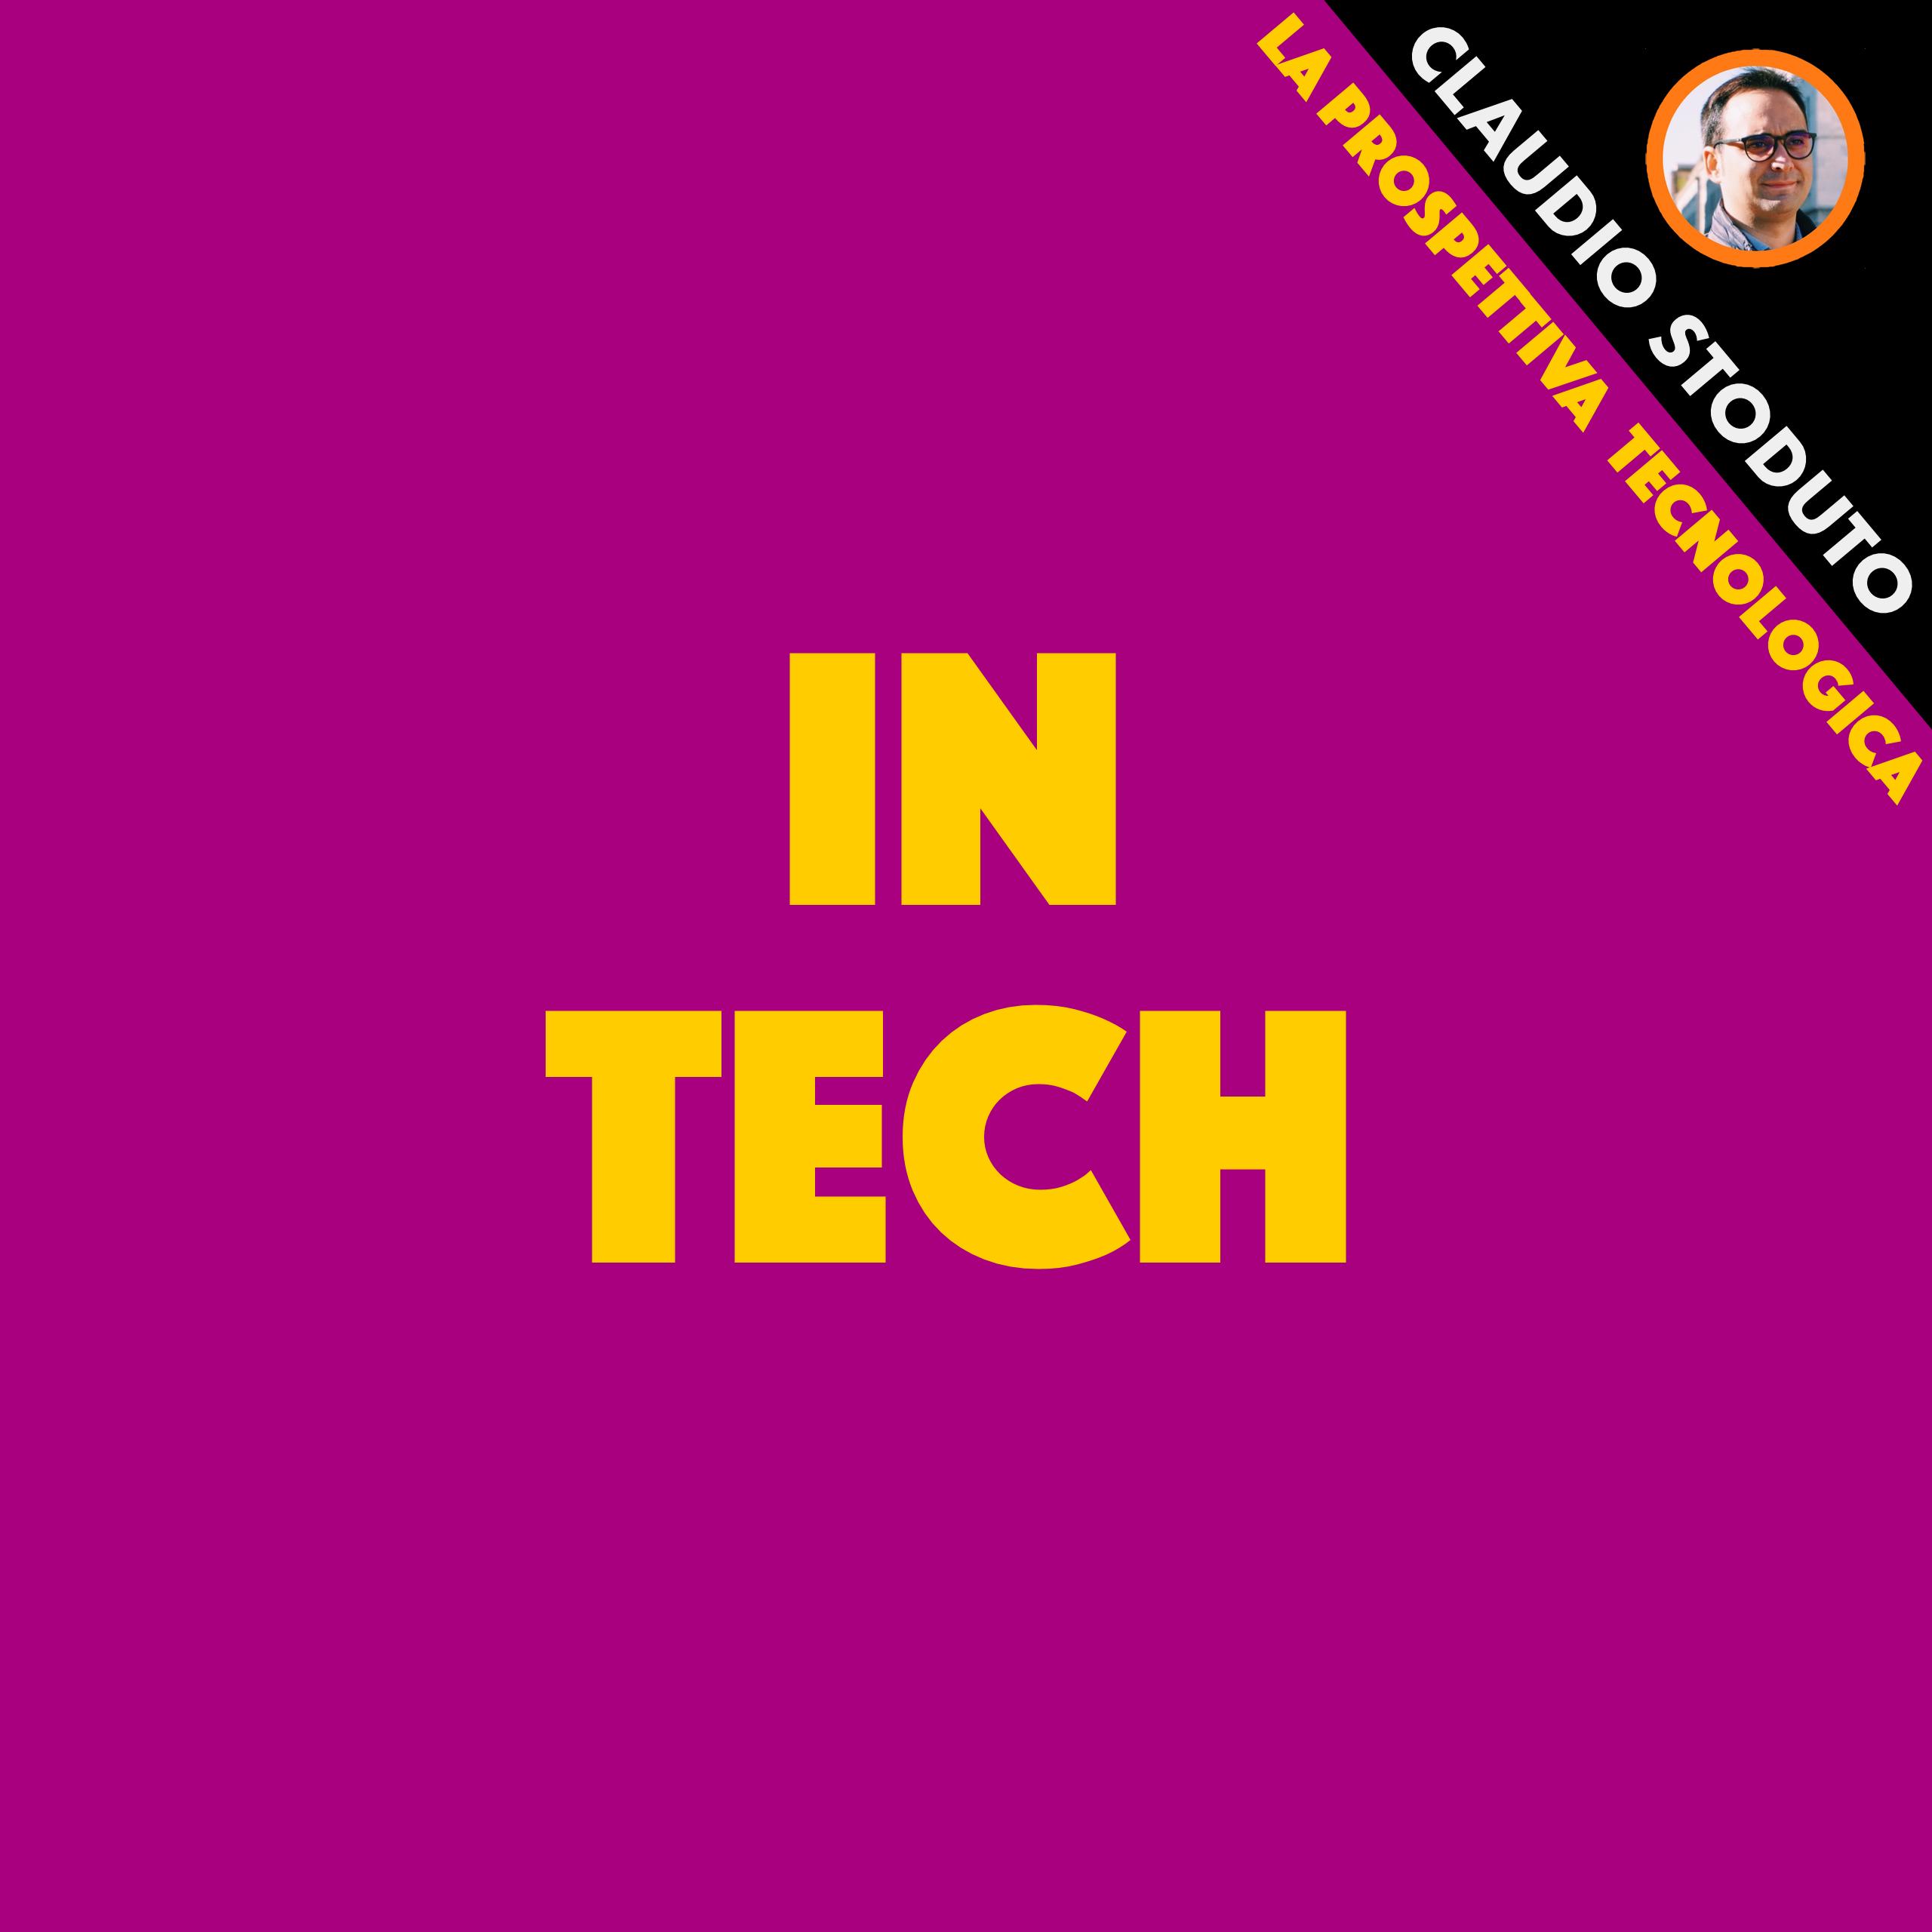 171: ARMiamoci - WWDC 2020